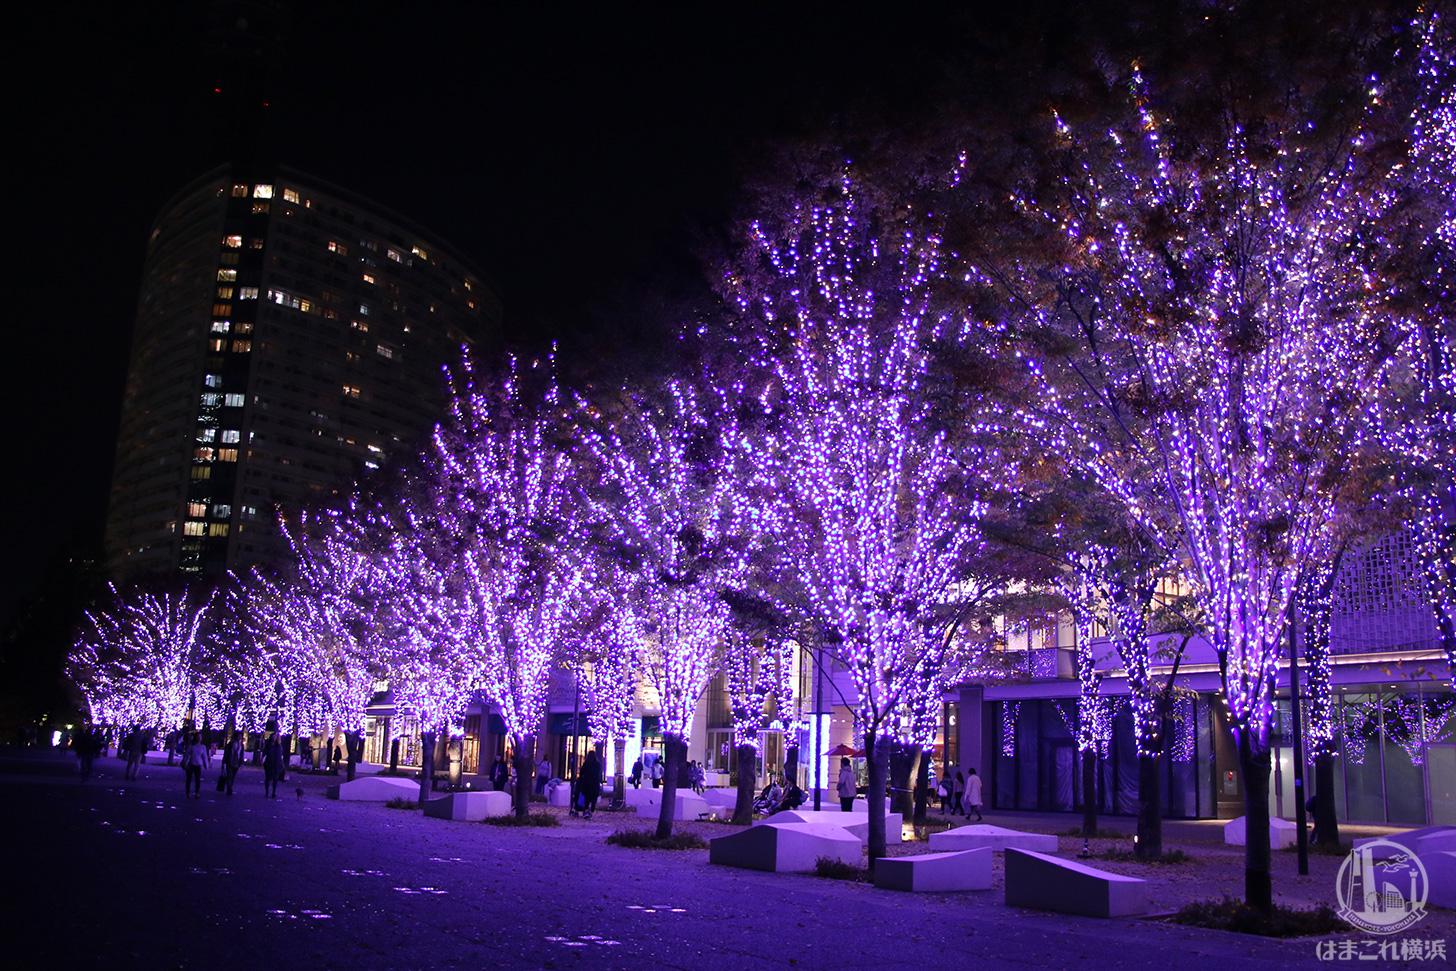 クリスマス・グランモール公園